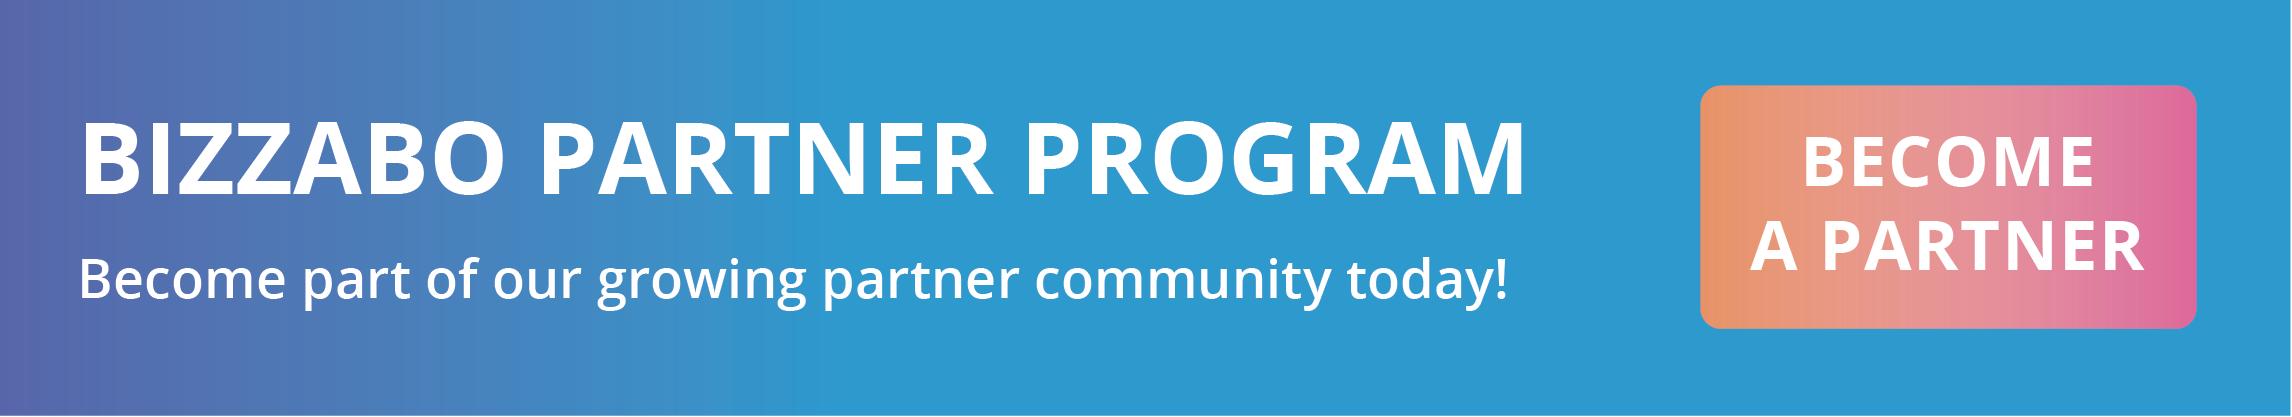 bizzabo partner program